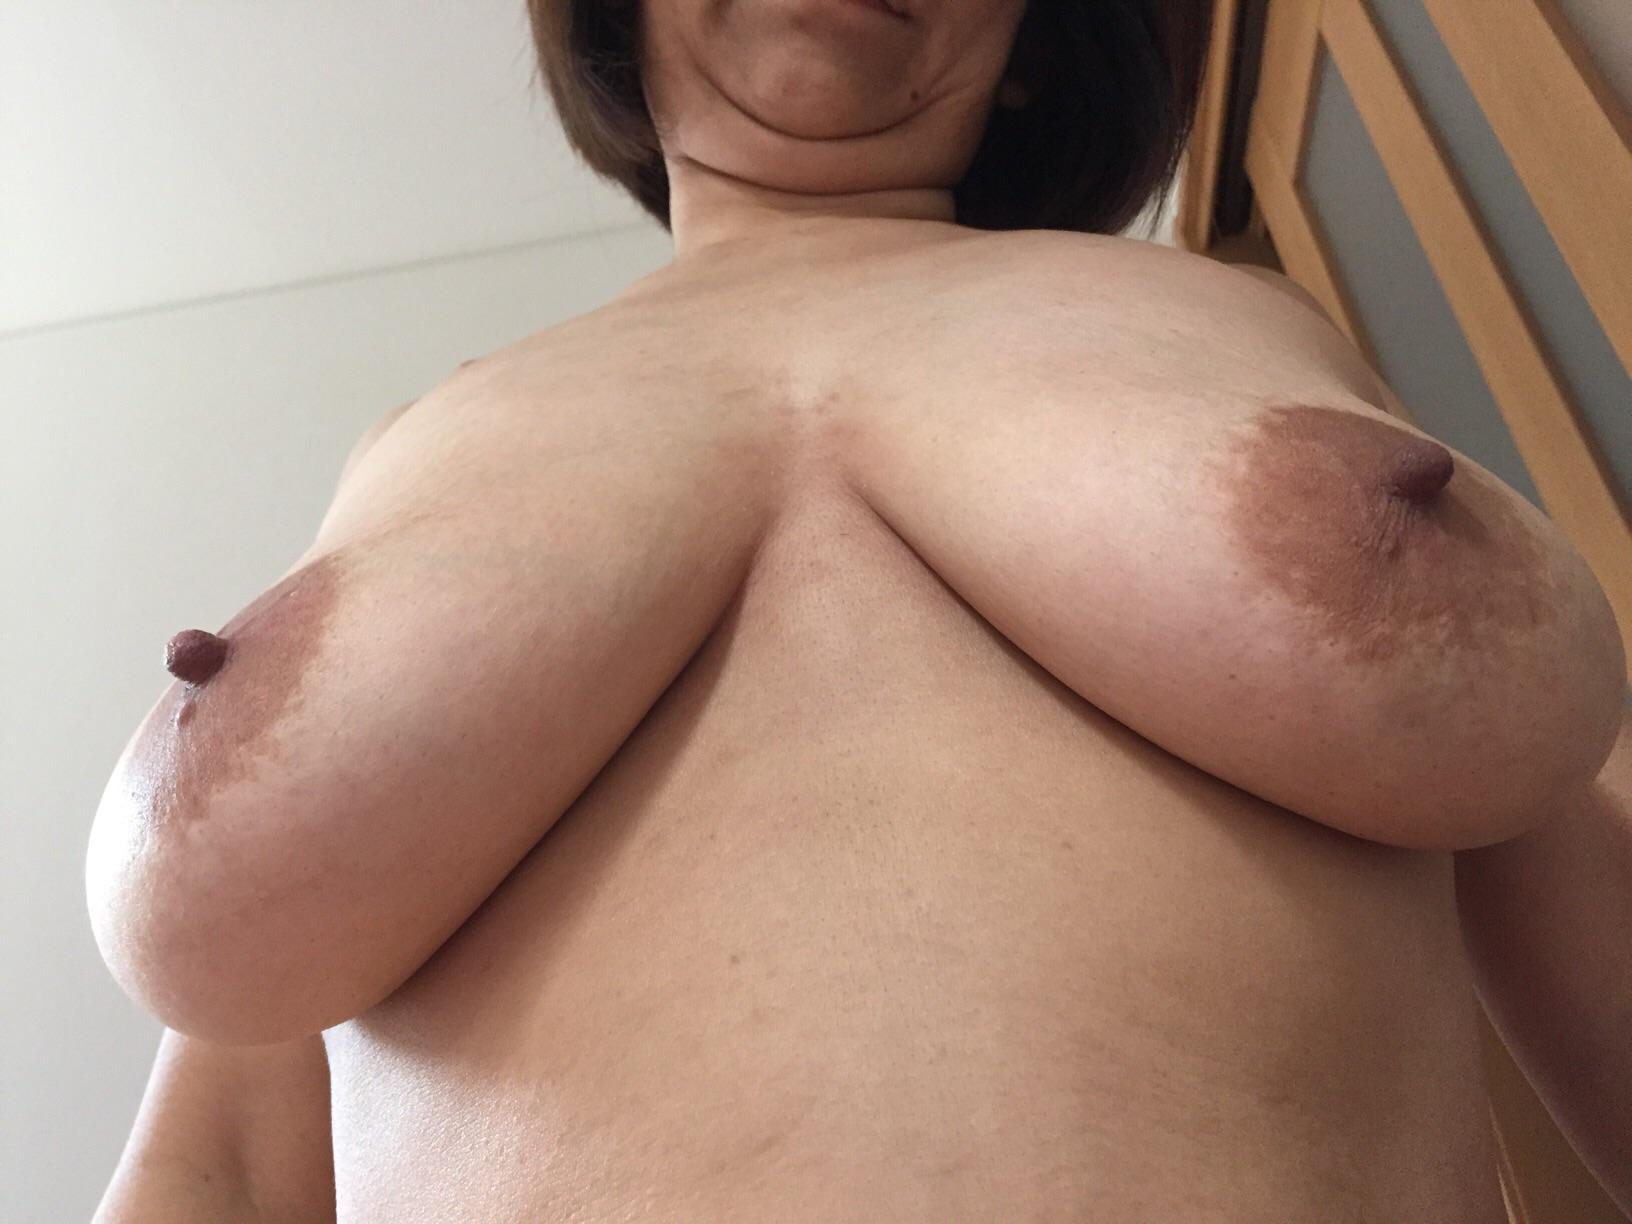 超マニア向け!巨漢爆乳デブス熟女調教エロ画像13枚目